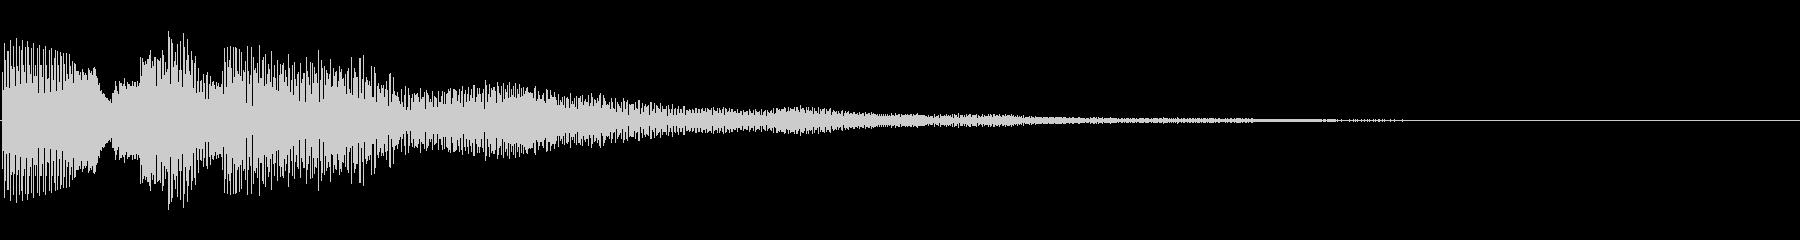 テンテテテン(決定のコール音)の未再生の波形